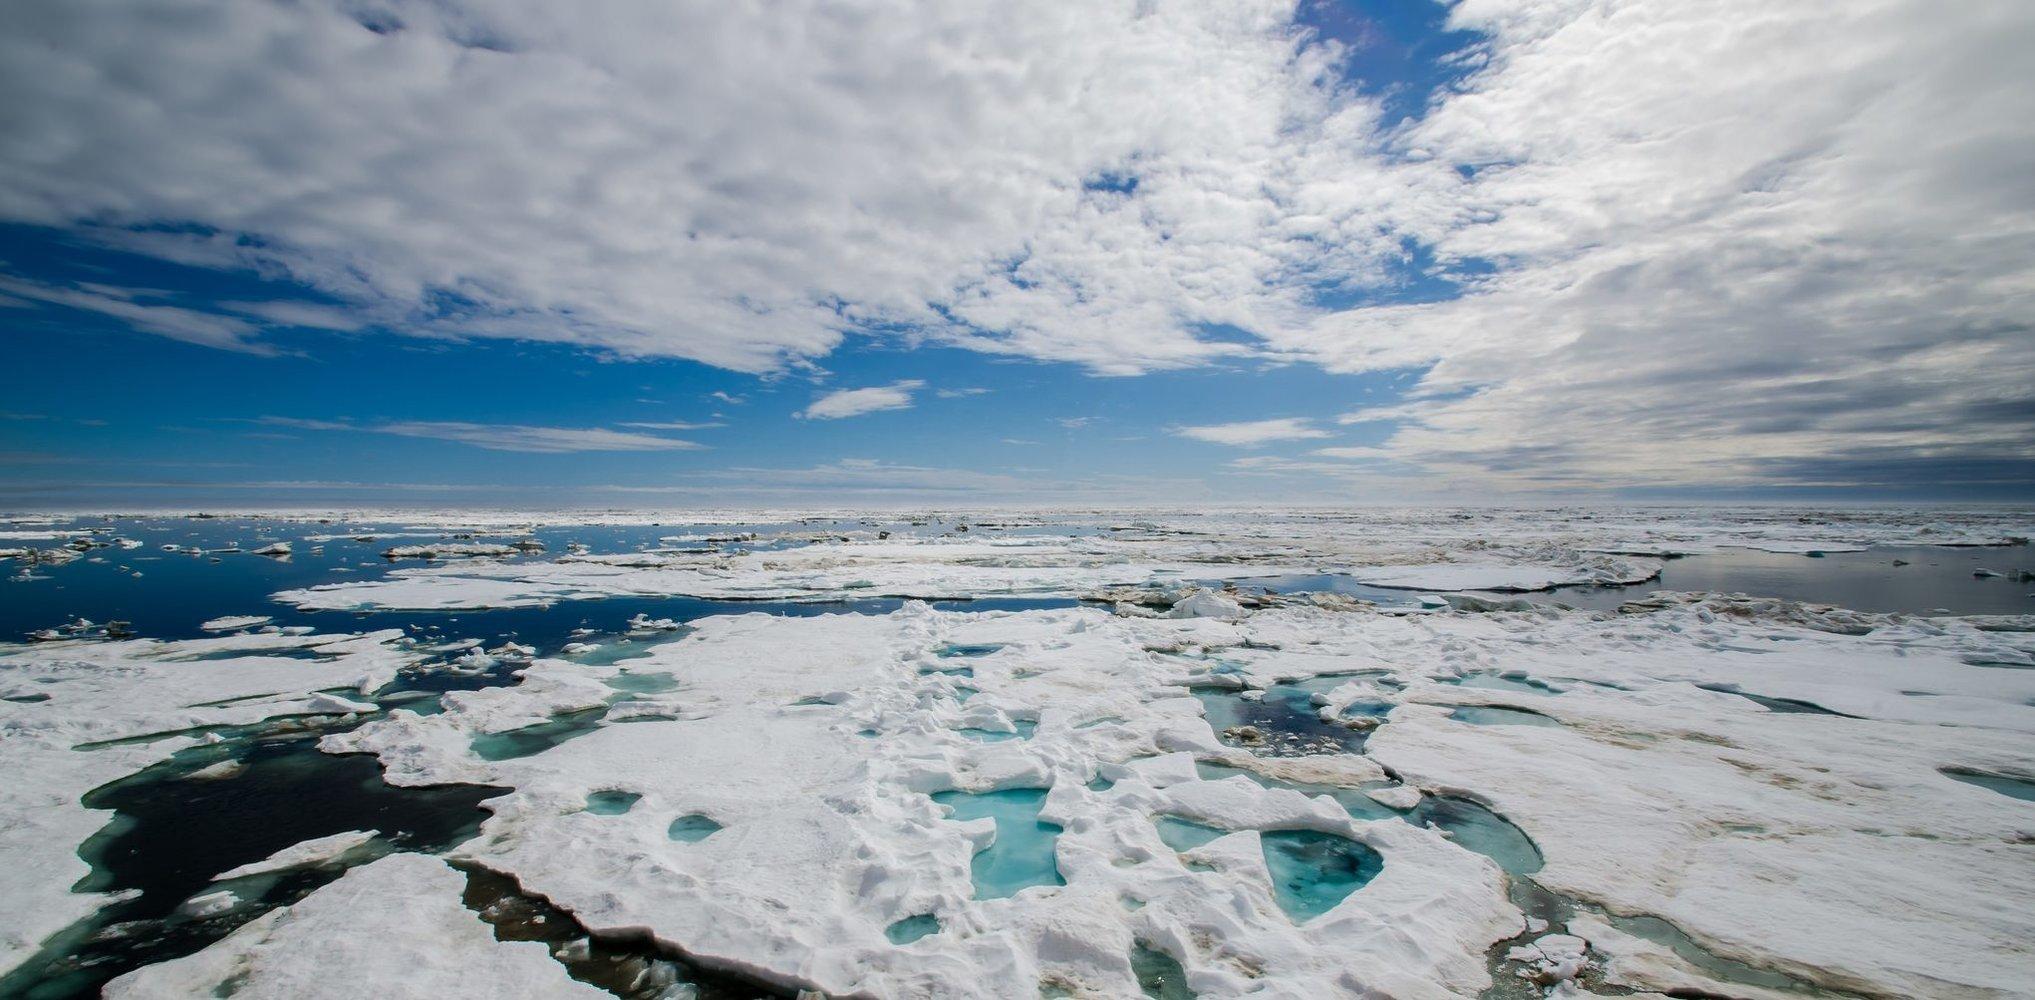 A Groenlândia está 4 graus mais quente e isso é preocupante